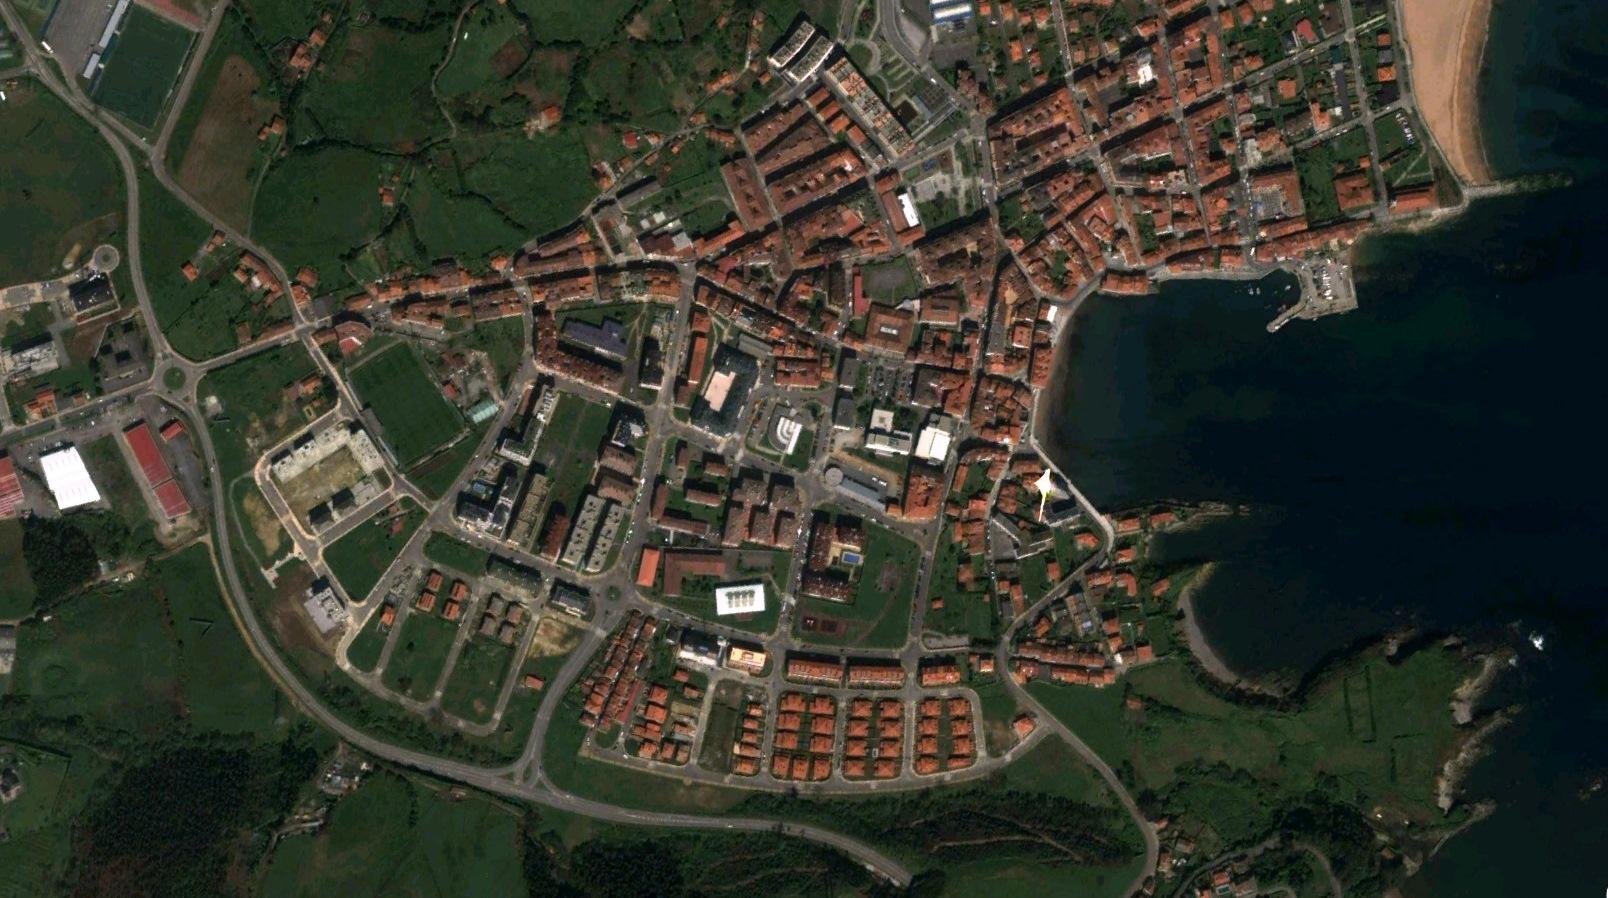 después, urbanismo, foto aérea,desastre, urbanístico, planeamiento, urbano, construcción,Luanco, Asturias